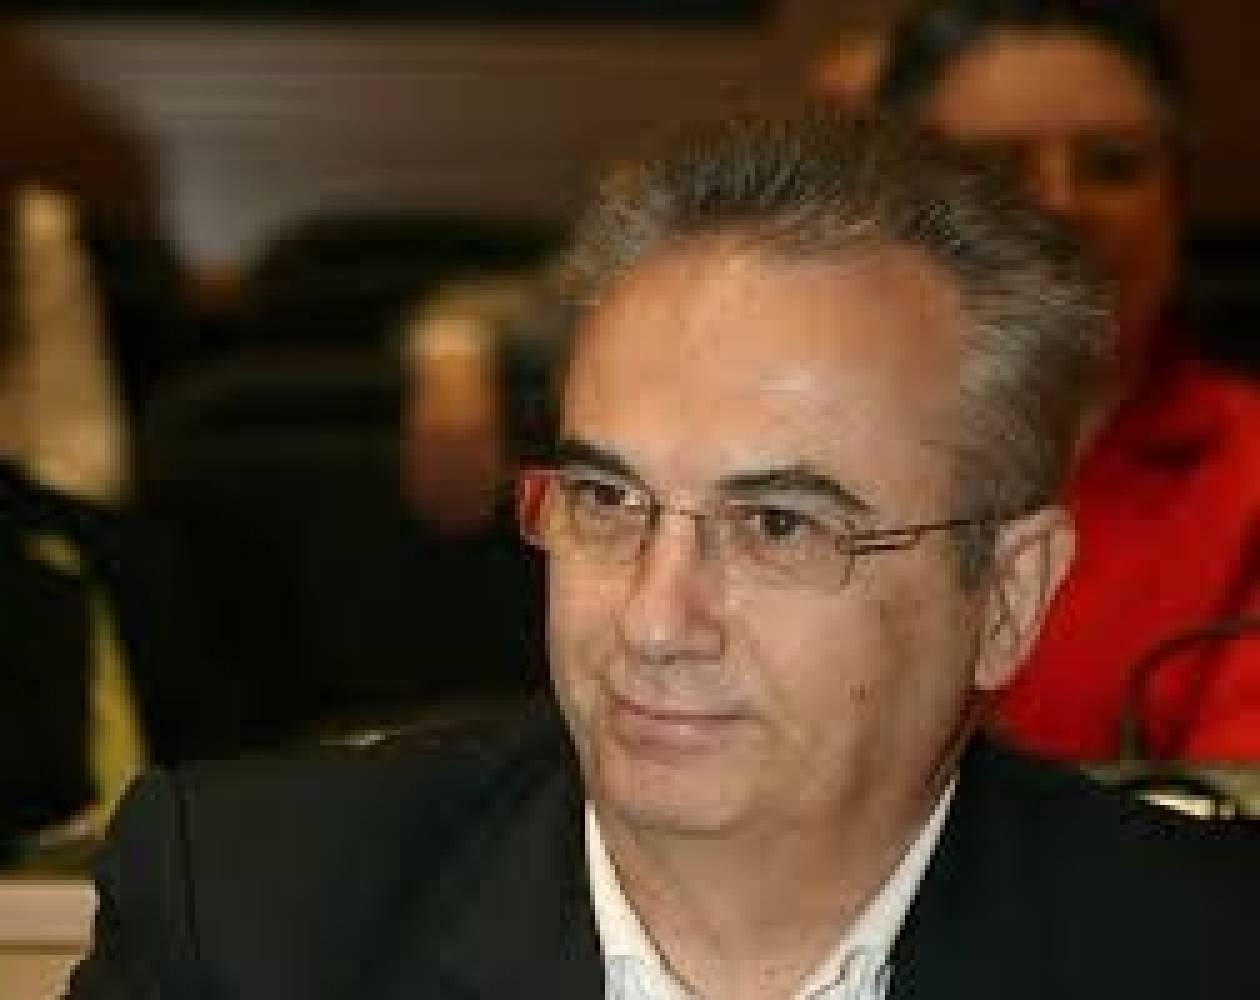 Τρία βήματα για το ΠΑΣΟΚ, πριν να είναι αργά, προτείνει ο πρώην υπουργός Γ. Μαγκριώτης